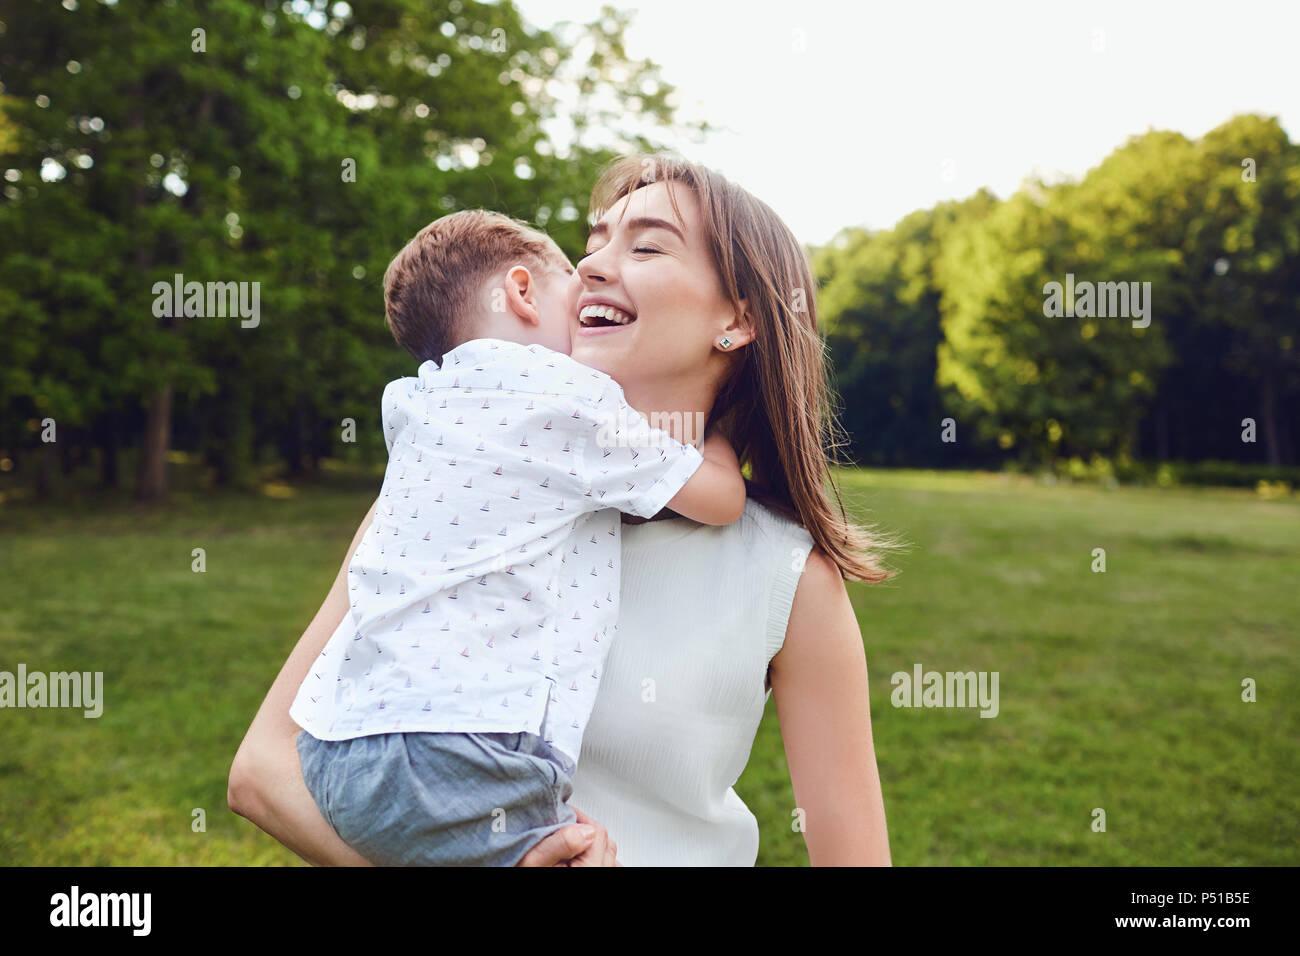 La mère et le fils sont serrant dans le parc. Photo Stock